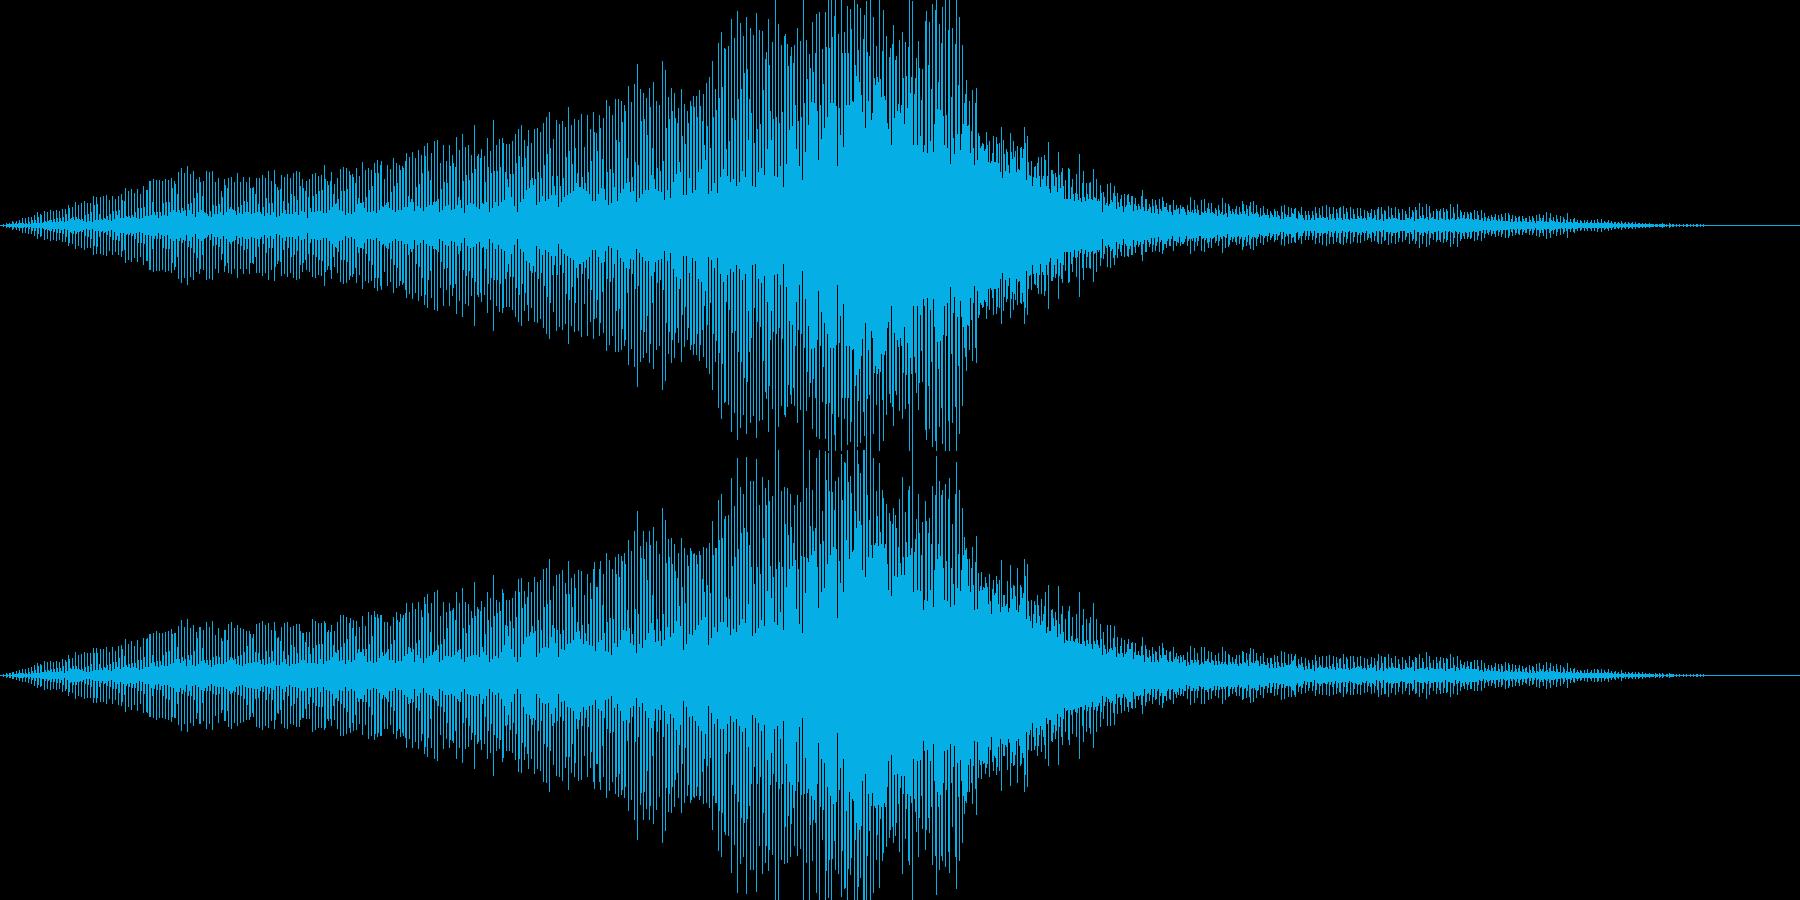 ヘリコプター_タイ_軍用ヘリ_01の再生済みの波形